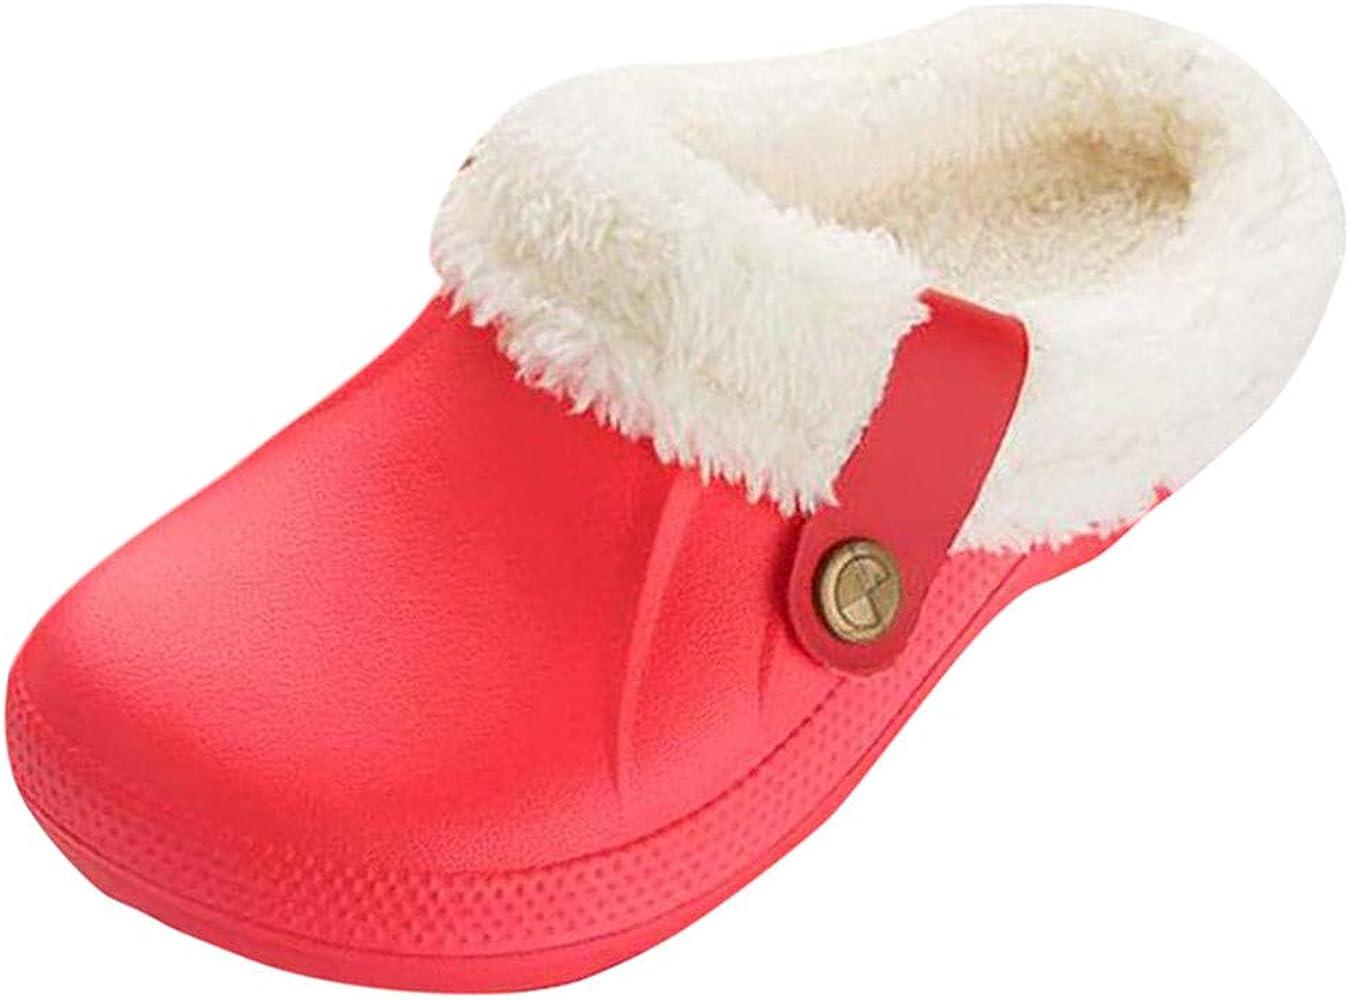 Dorical Zuecos cálido mujeres hombres de jardín tobillos Pantuflas Zuecos Hombres Mujer Unisex Zapatillas de forro cálido zapatos de jardín para interiores y exteriores impermeables: Amazon.es: Ropa y accesorios